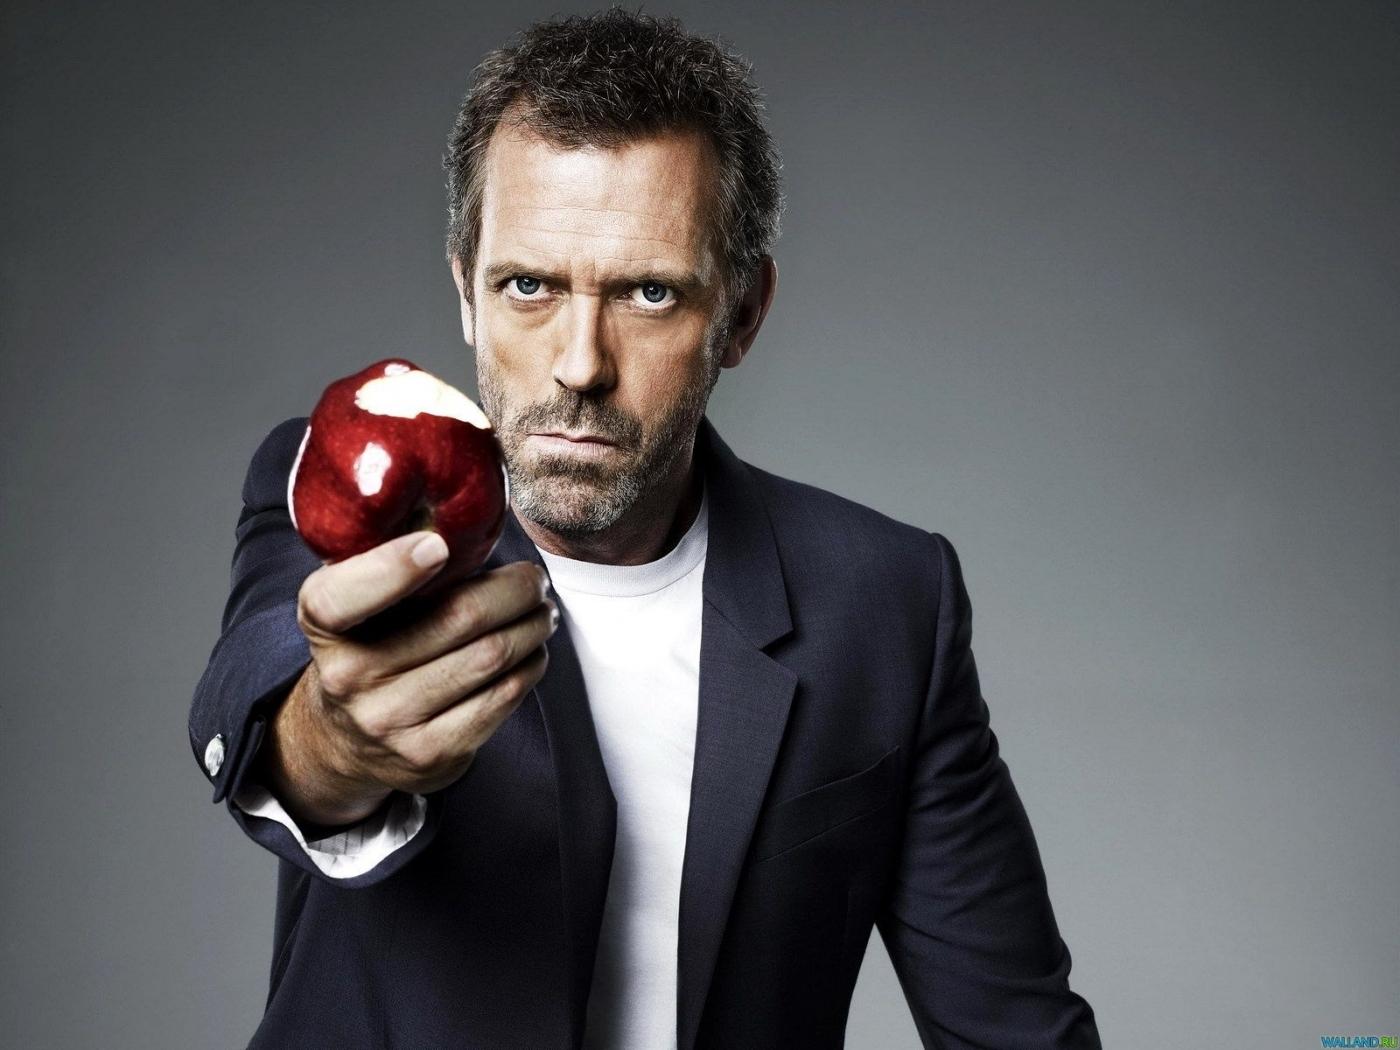 Téléchargez des papiers peints mobile Hommes, Dr House, Hugh Laurie, Cinéma, Personnes, Acteurs gratuitement.